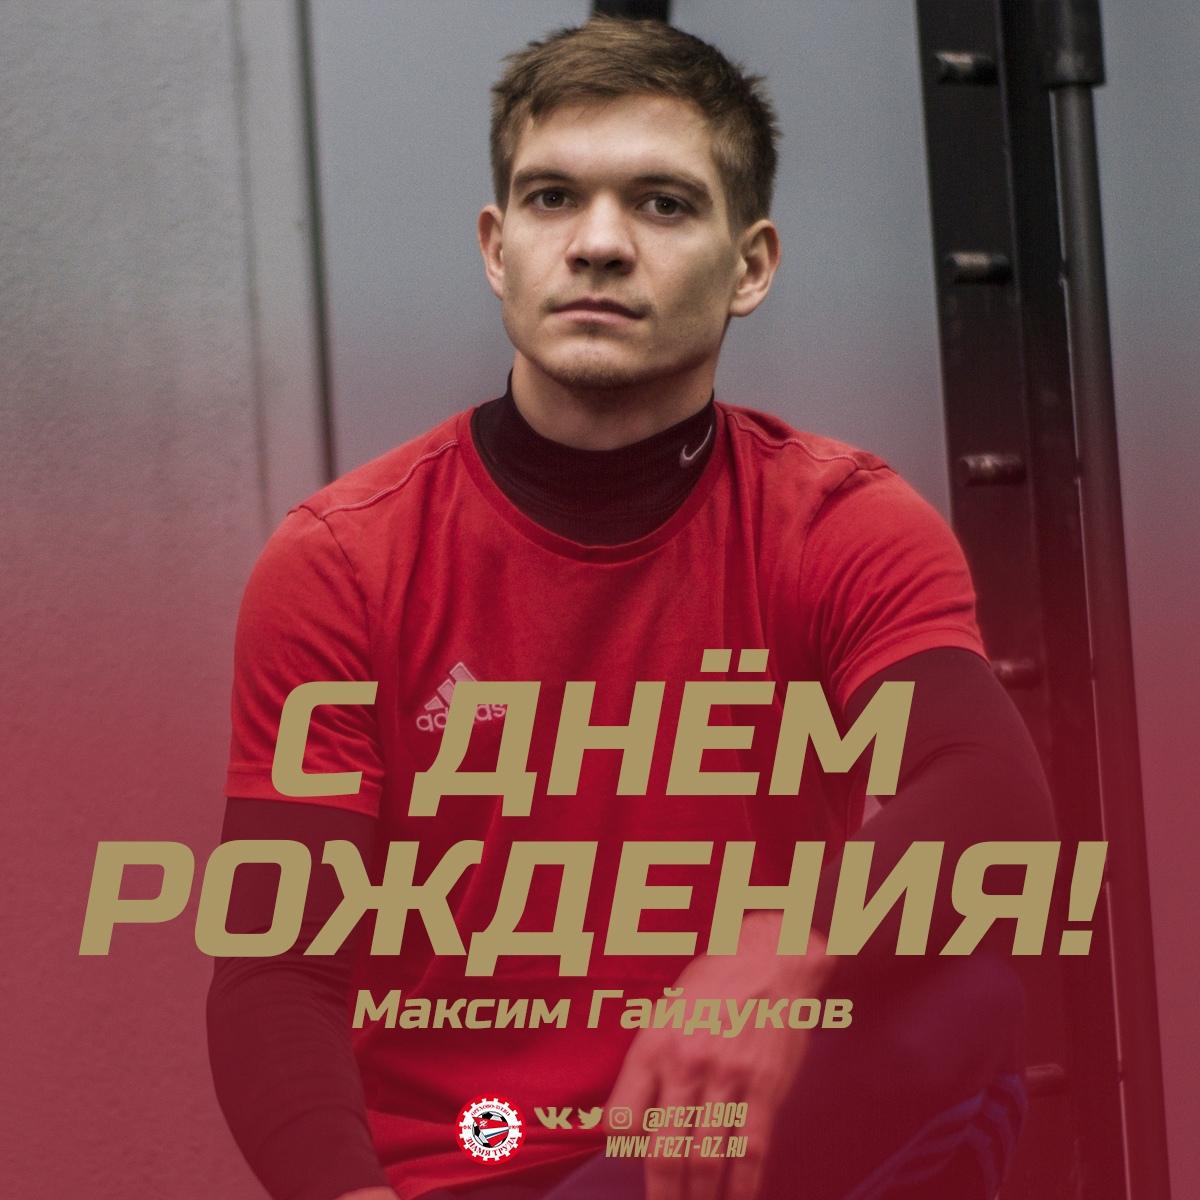 Максим Гайдуков. Фото: Дмитрий Бурдонов